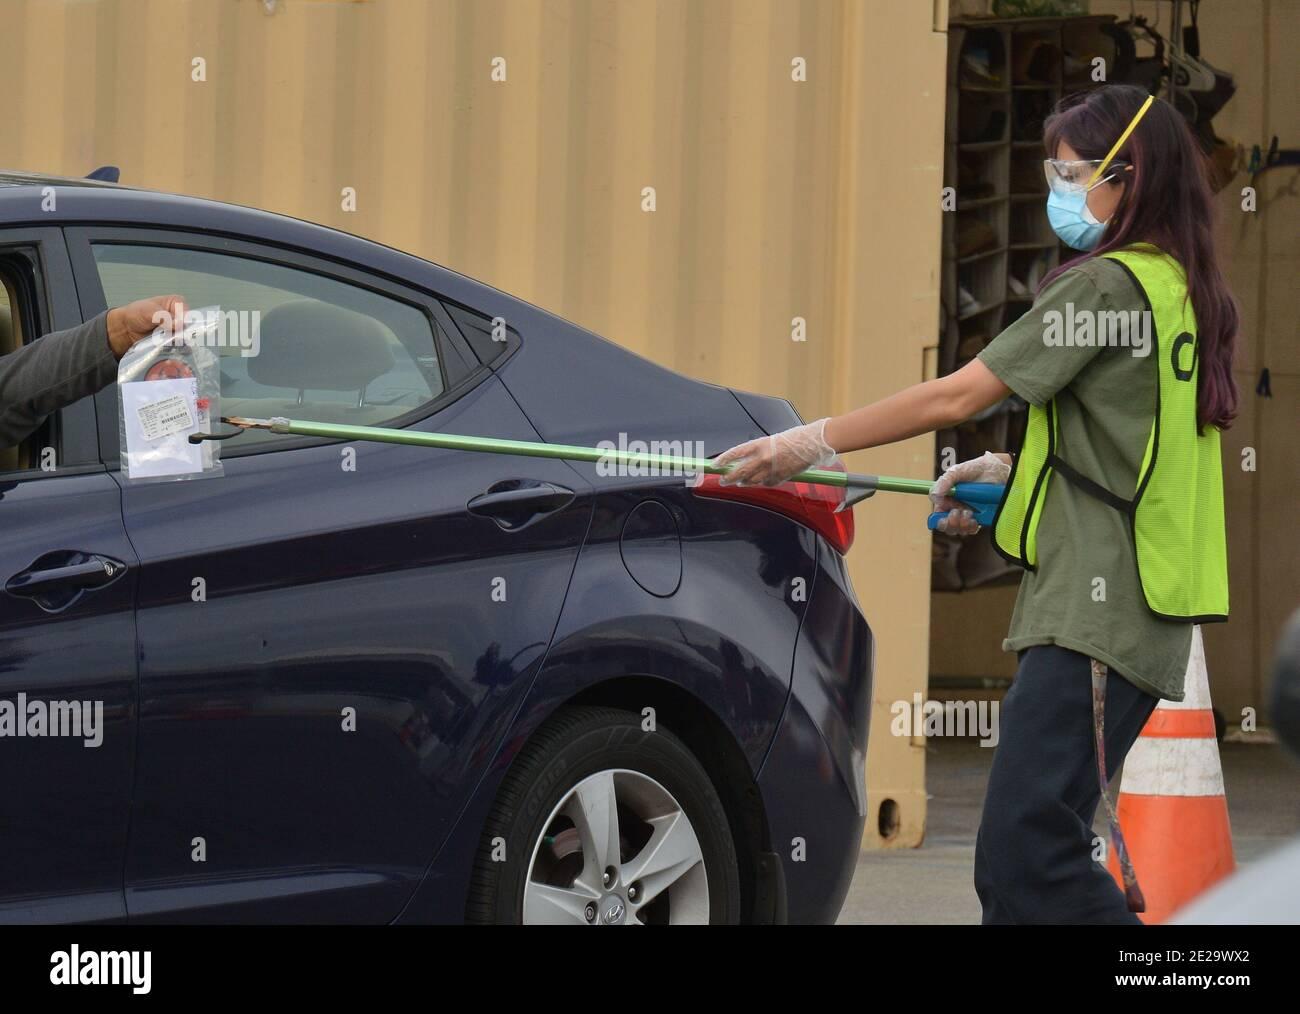 Los Angeles, Californie, États-Unis. 13 janvier 2021. Los Angeles, États-Unis. 13 janvier 2021. Les résidents déposent leur test curatif du coronavirus dans un récipient au site d'essai du barrage Hansen à Los Angeles le mardi 12 janvier 2021. Les responsables de la santé du comté de Los Angeles ont déclaré dimanche qu'ils cesseront de fournir le test de coronavirus le plus couramment utilisé après que les organismes de réglementation fédéraux aient soulevé des questions sur son exactitude, disant que le test effectué par curatif comporte un « risque de résultats faux, en particulier de résultats faux négatifs ». Photo de Jim Ruymen/UPI crédit: UPI/Alay Live News crédit: UPI/Alay Live News Banque D'Images